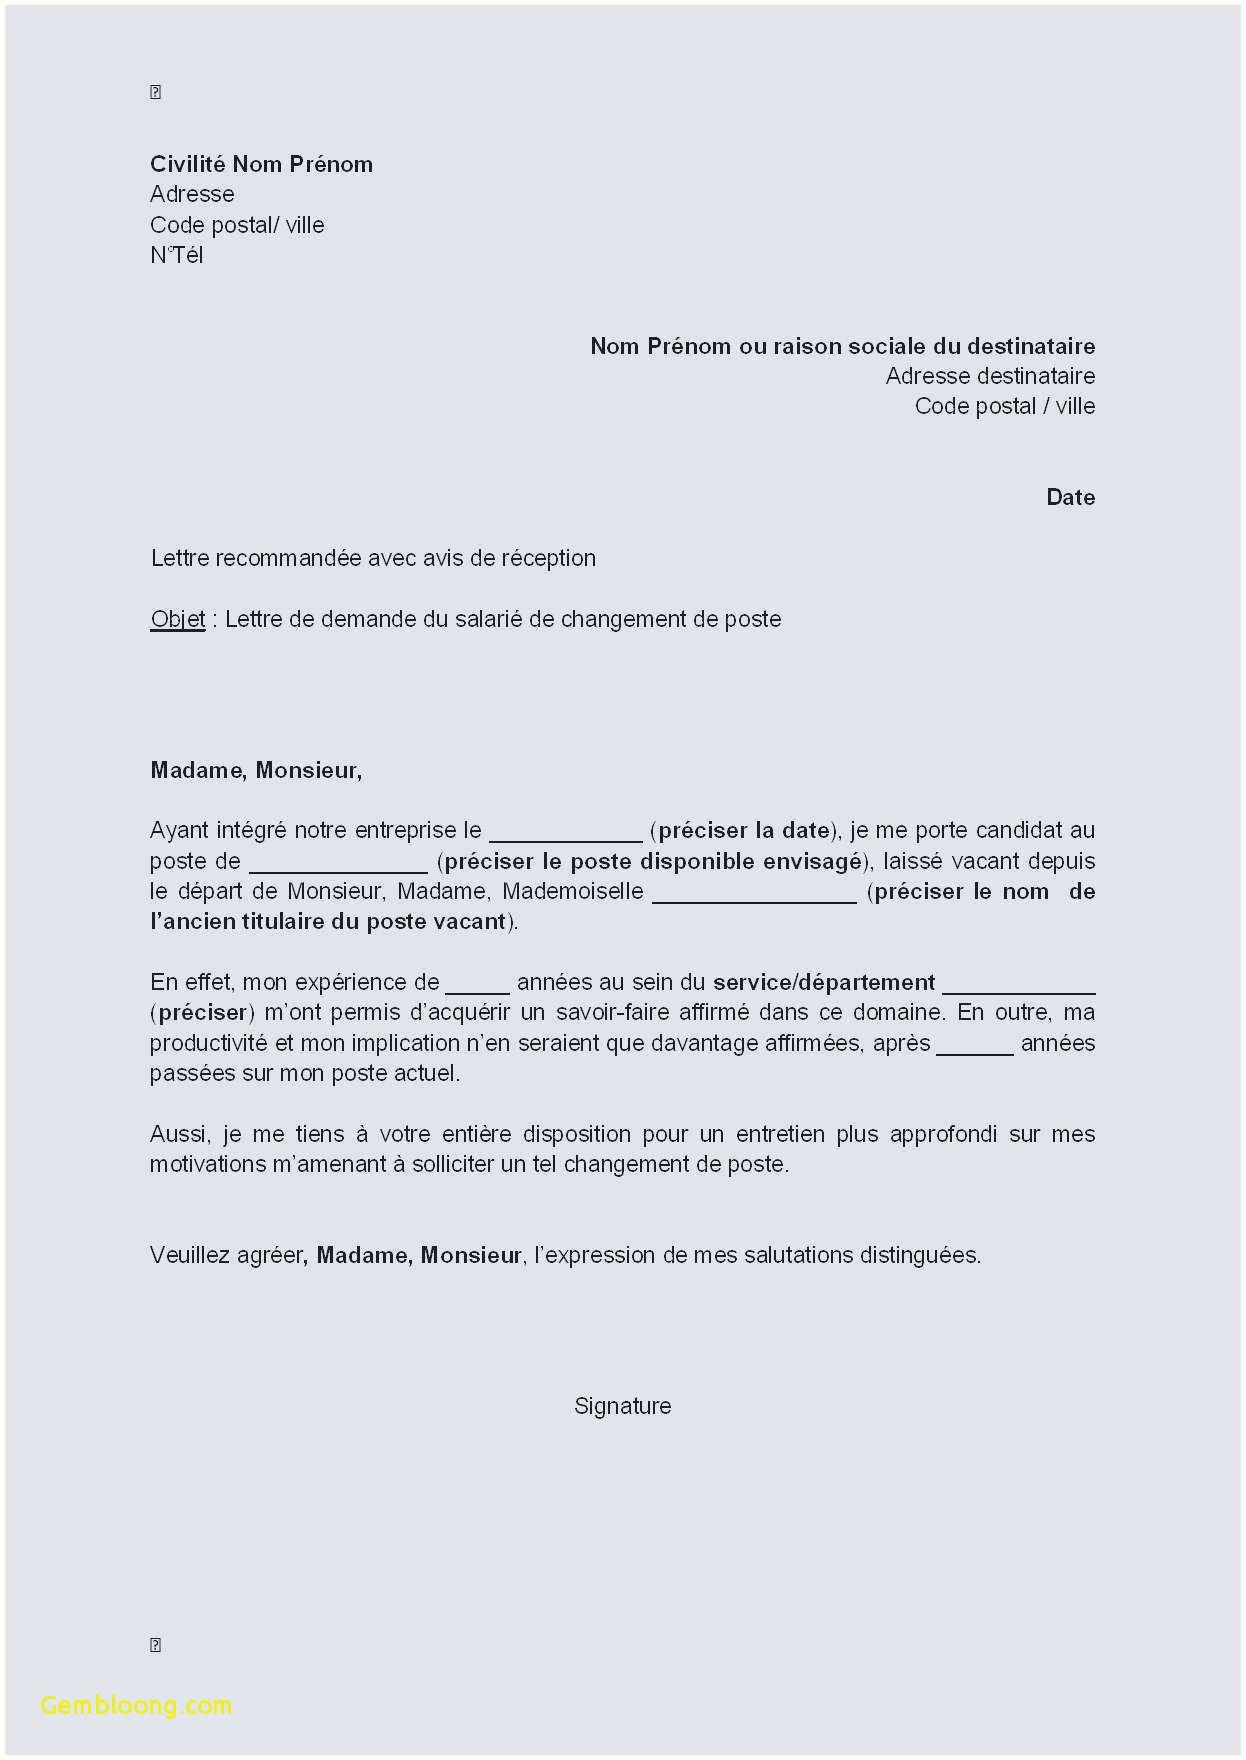 33 Genial Exemple De Document Unique Pour La Coiffure